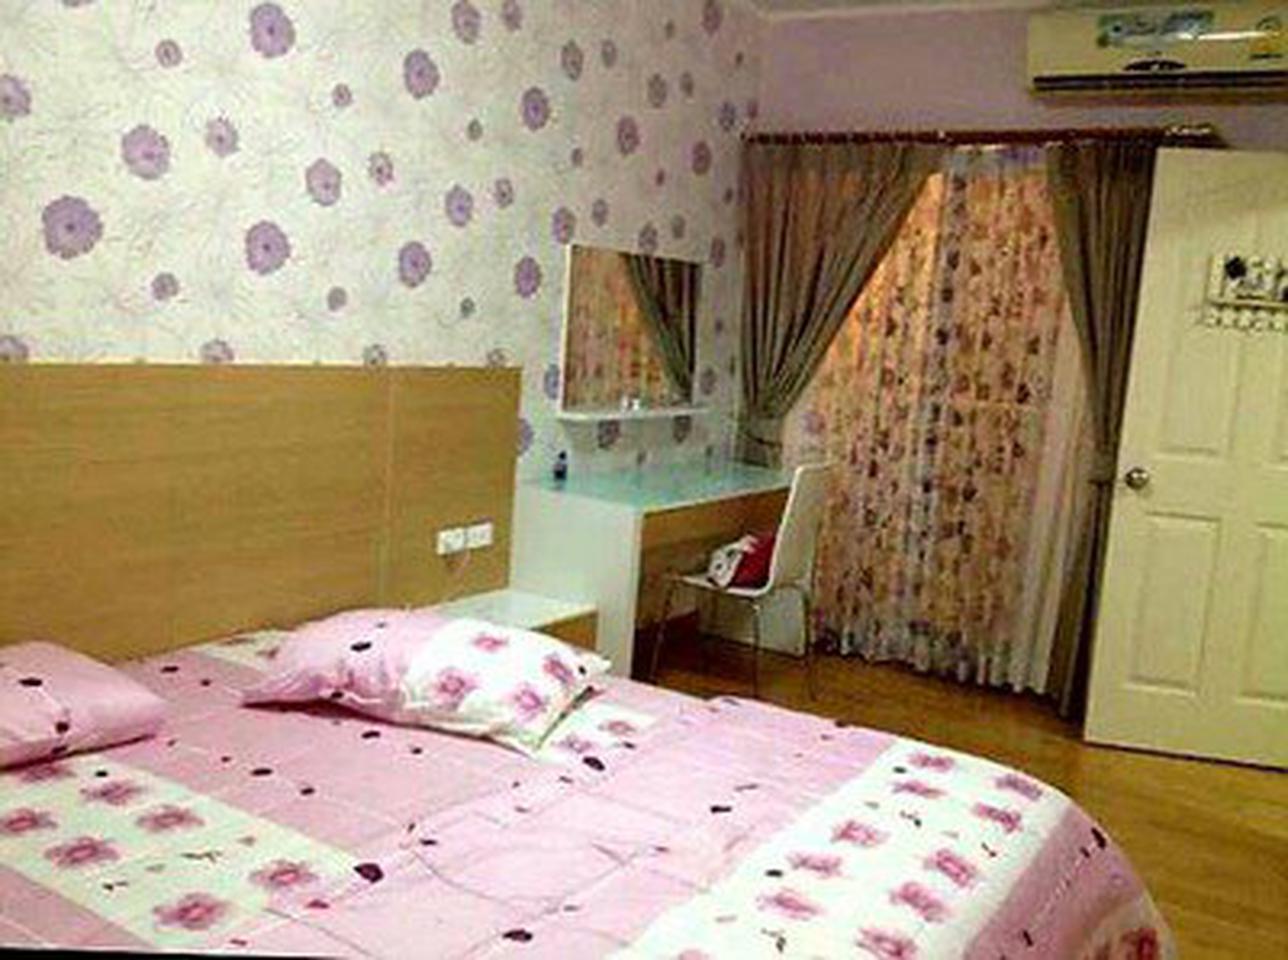 ขาย คอนโด city home รัชดา-ปิ่นเกล้า ราคาถูก รูปที่ 5